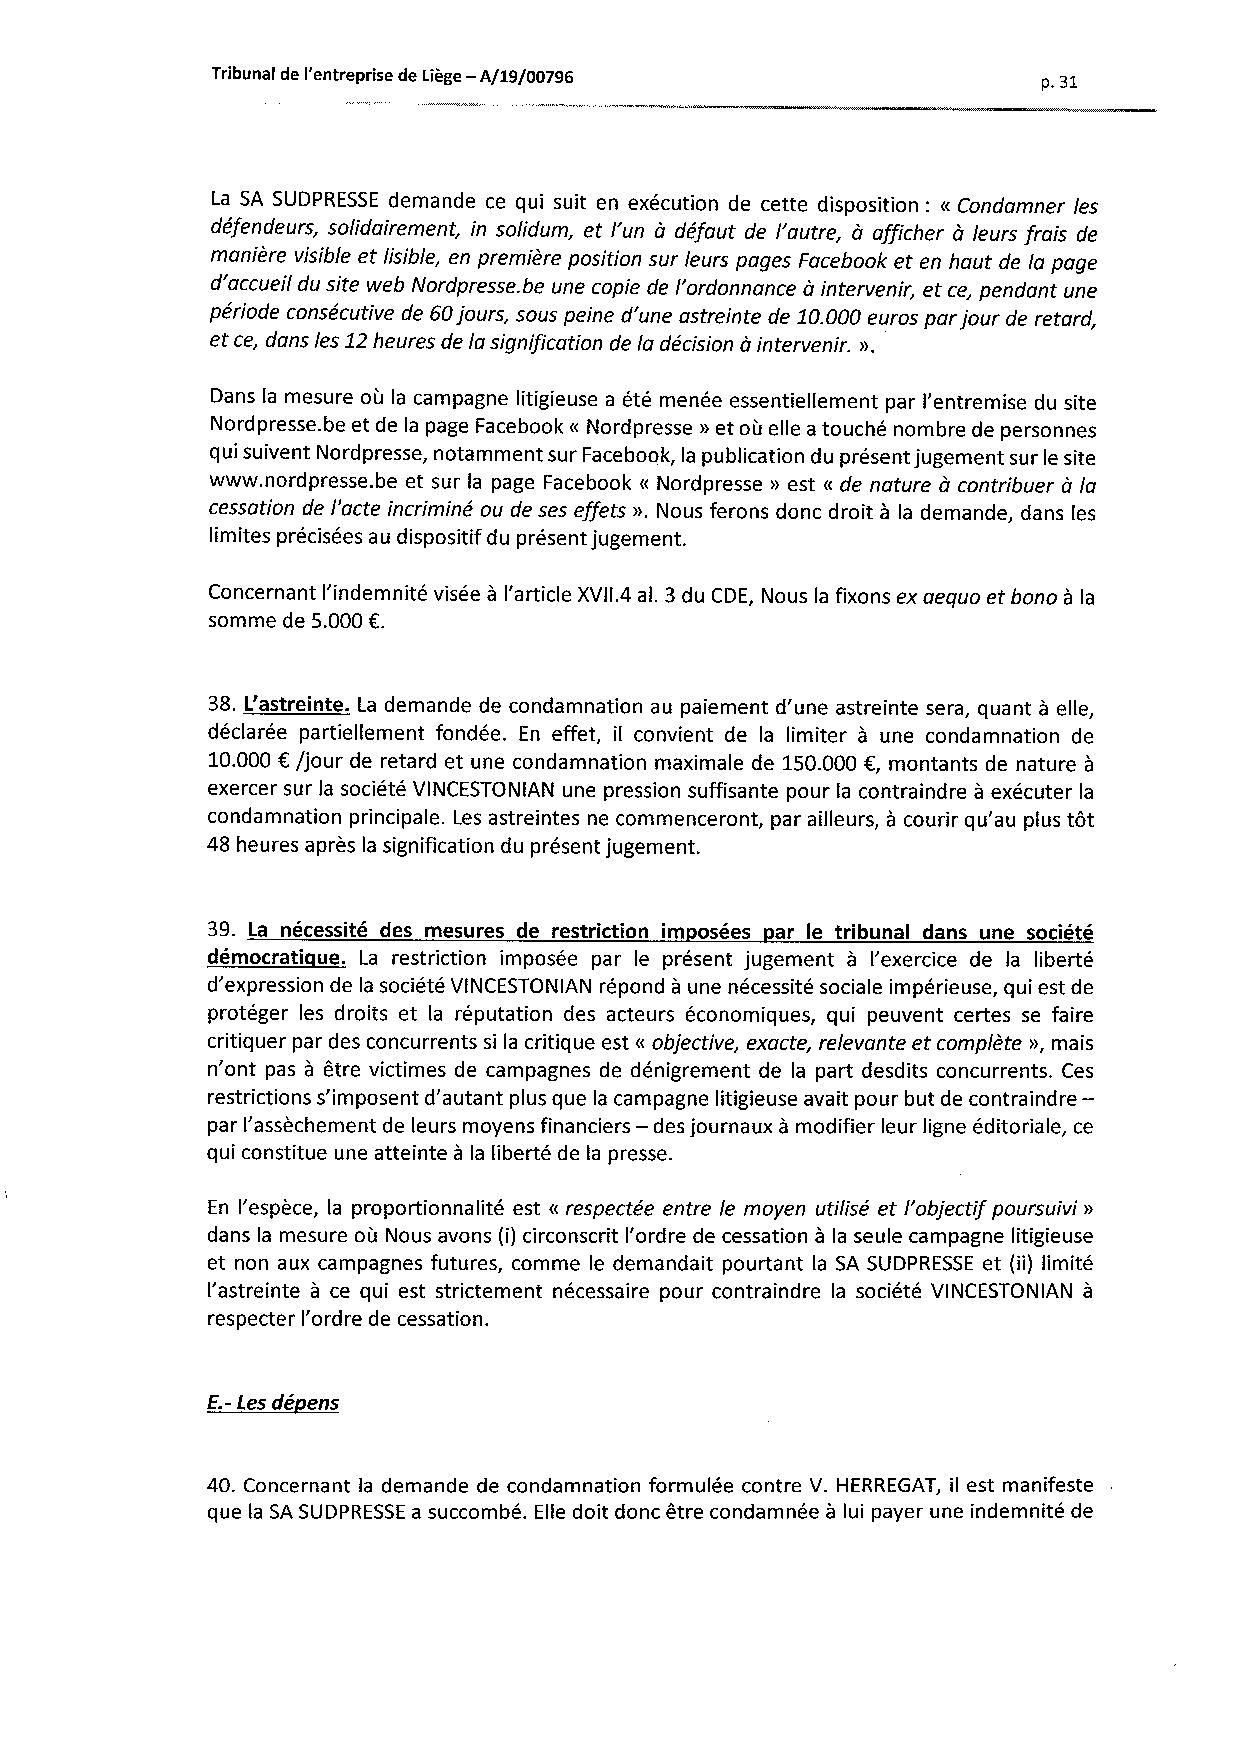 2020 01 10 SUD PRESSE c HERREGAT V et VINCESTONIAN SDE PLC (A-19-00796) aud 6-12-2019-page-031